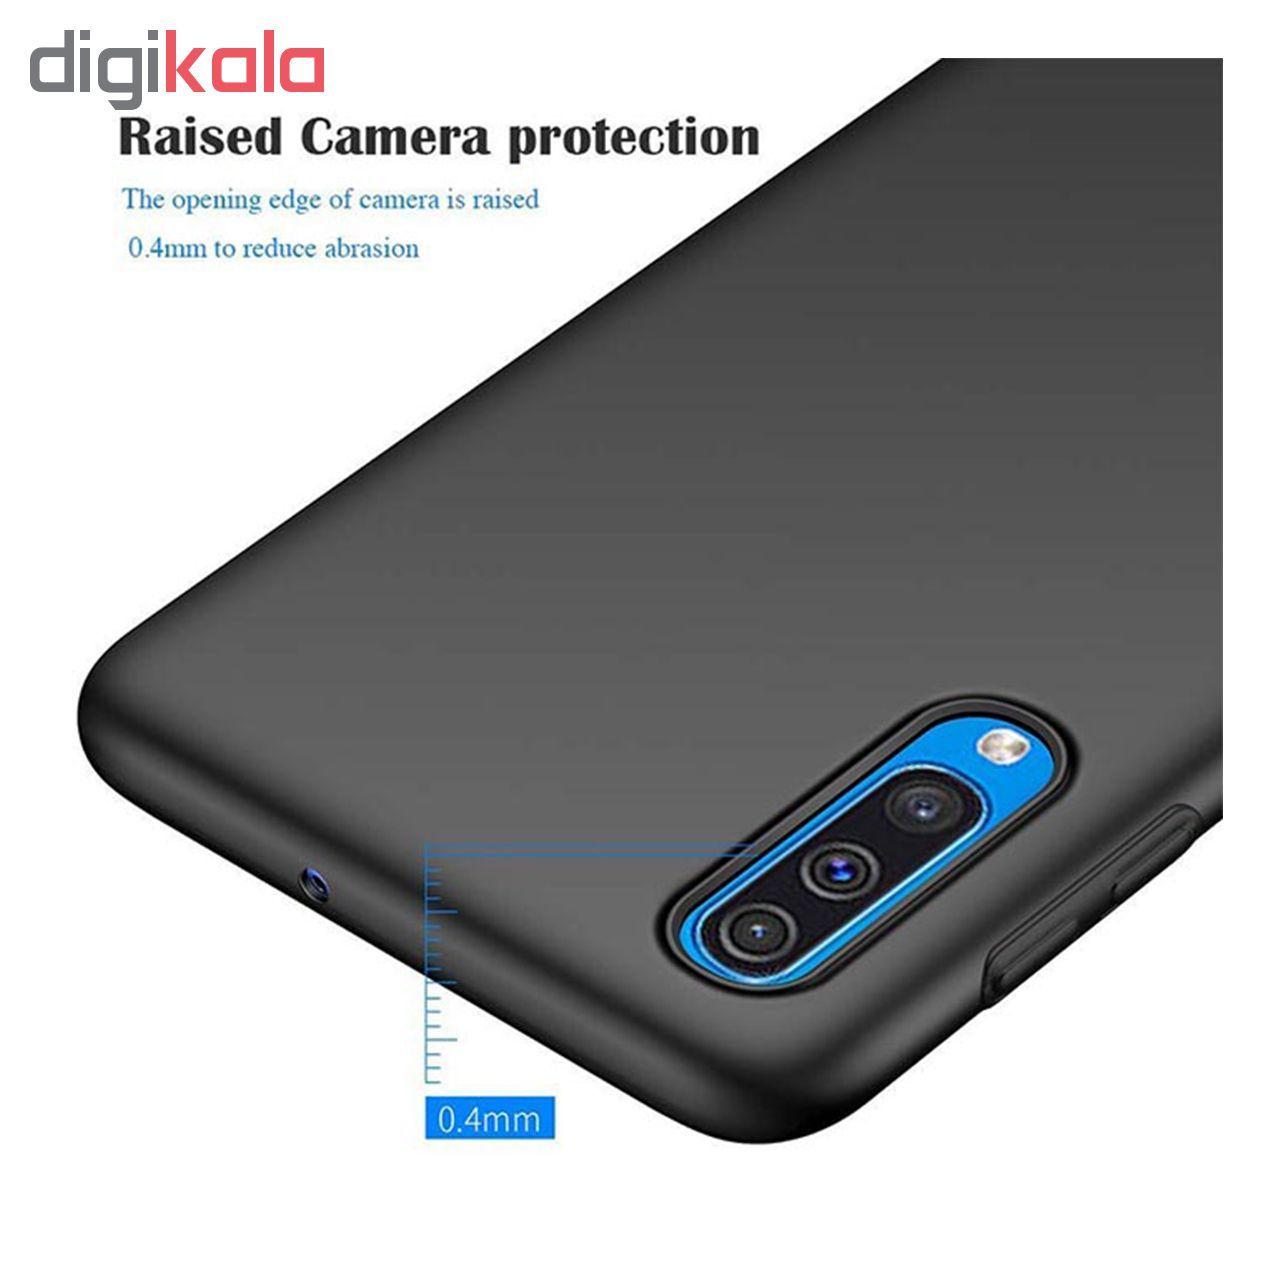 کاور سامسونگ مدل Slc مناسب برای گوشی موبایل سامسونگ Galaxy A70 main 1 4